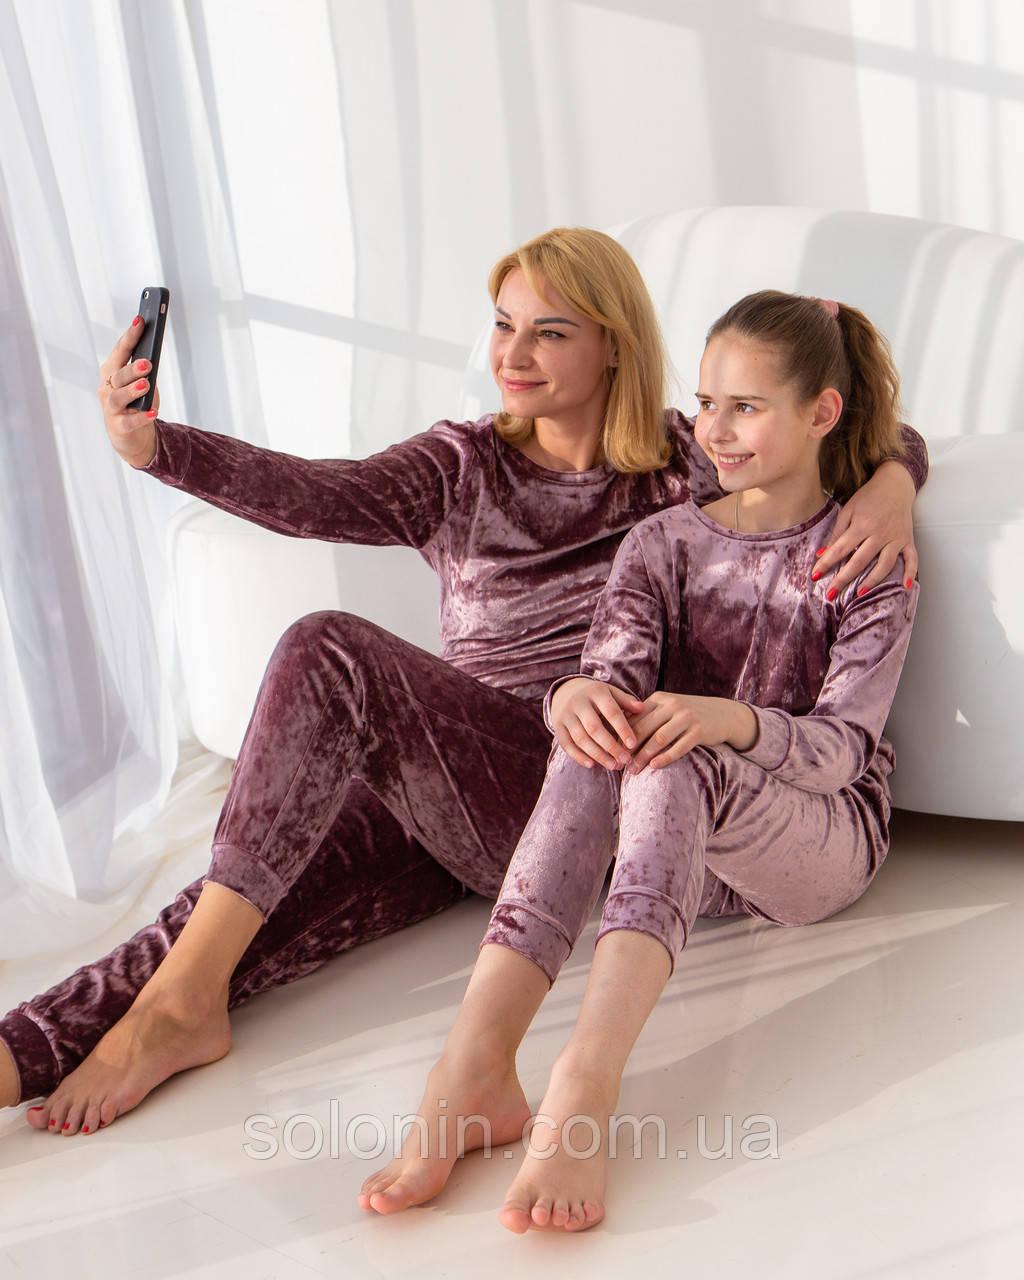 Домашні велюрові костюми для мами і доньки Family Look.